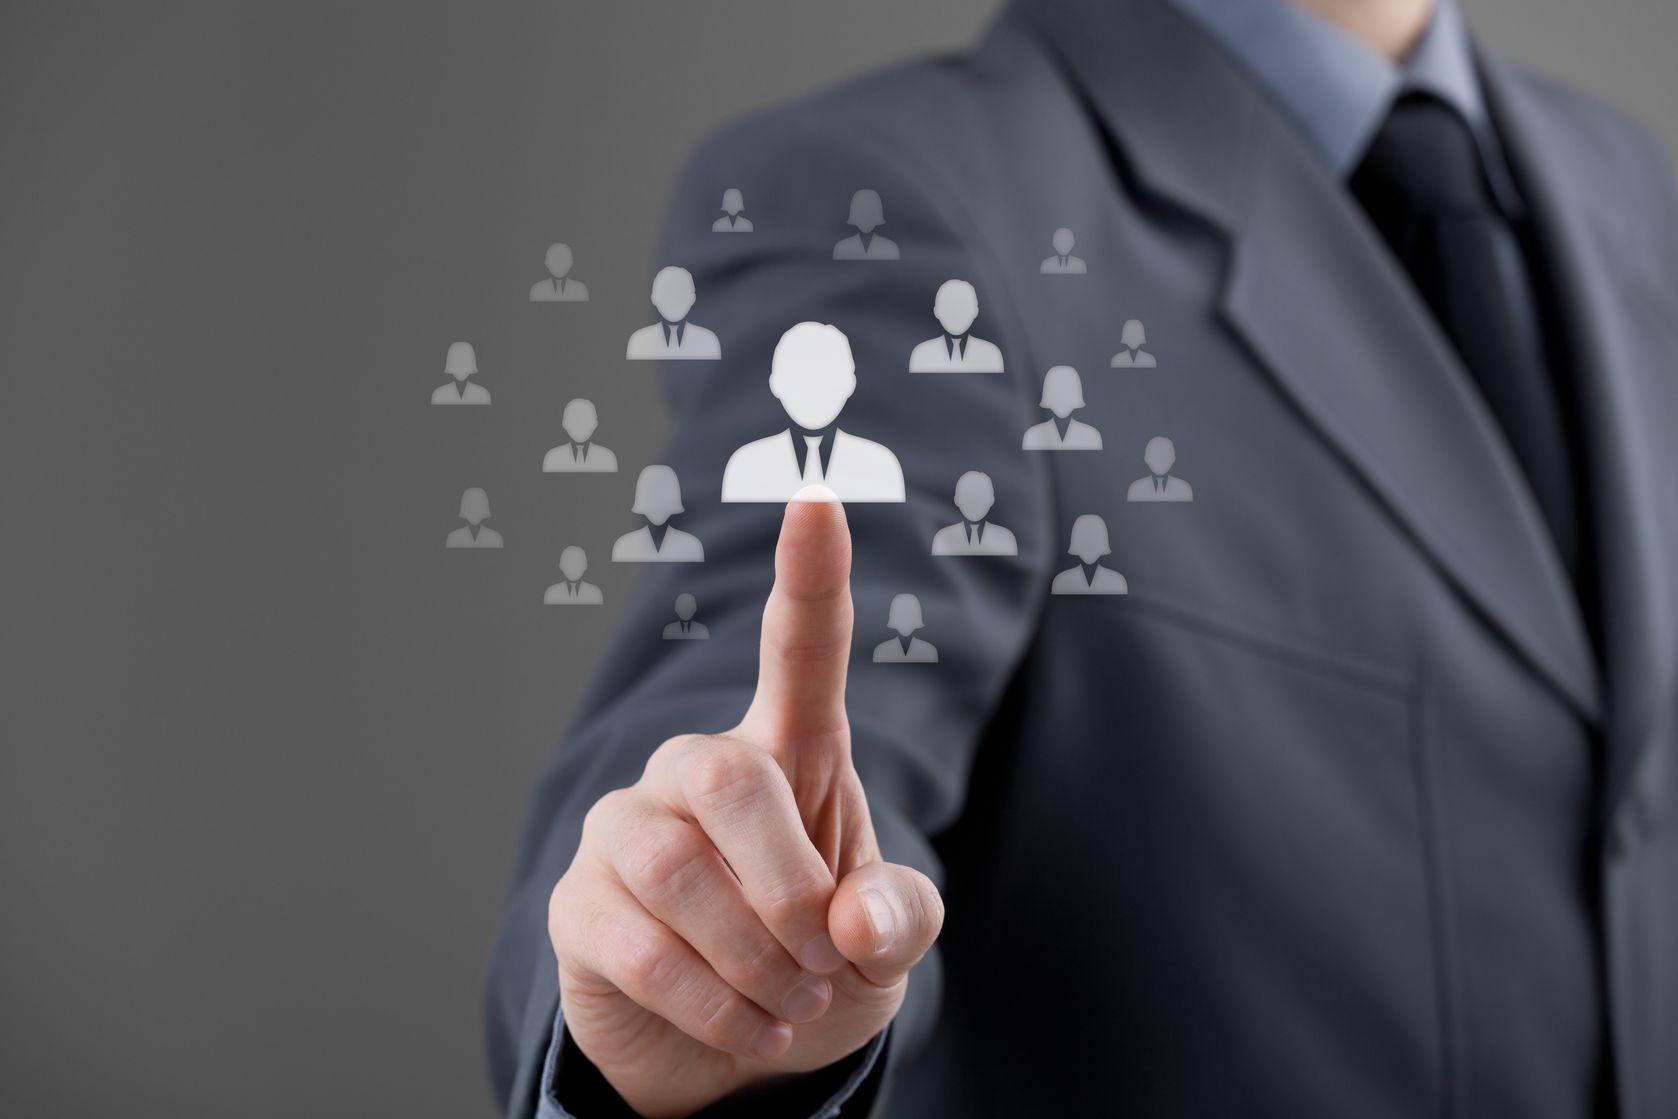 Nguyên tắc quản lý nhân sự hiệu quả